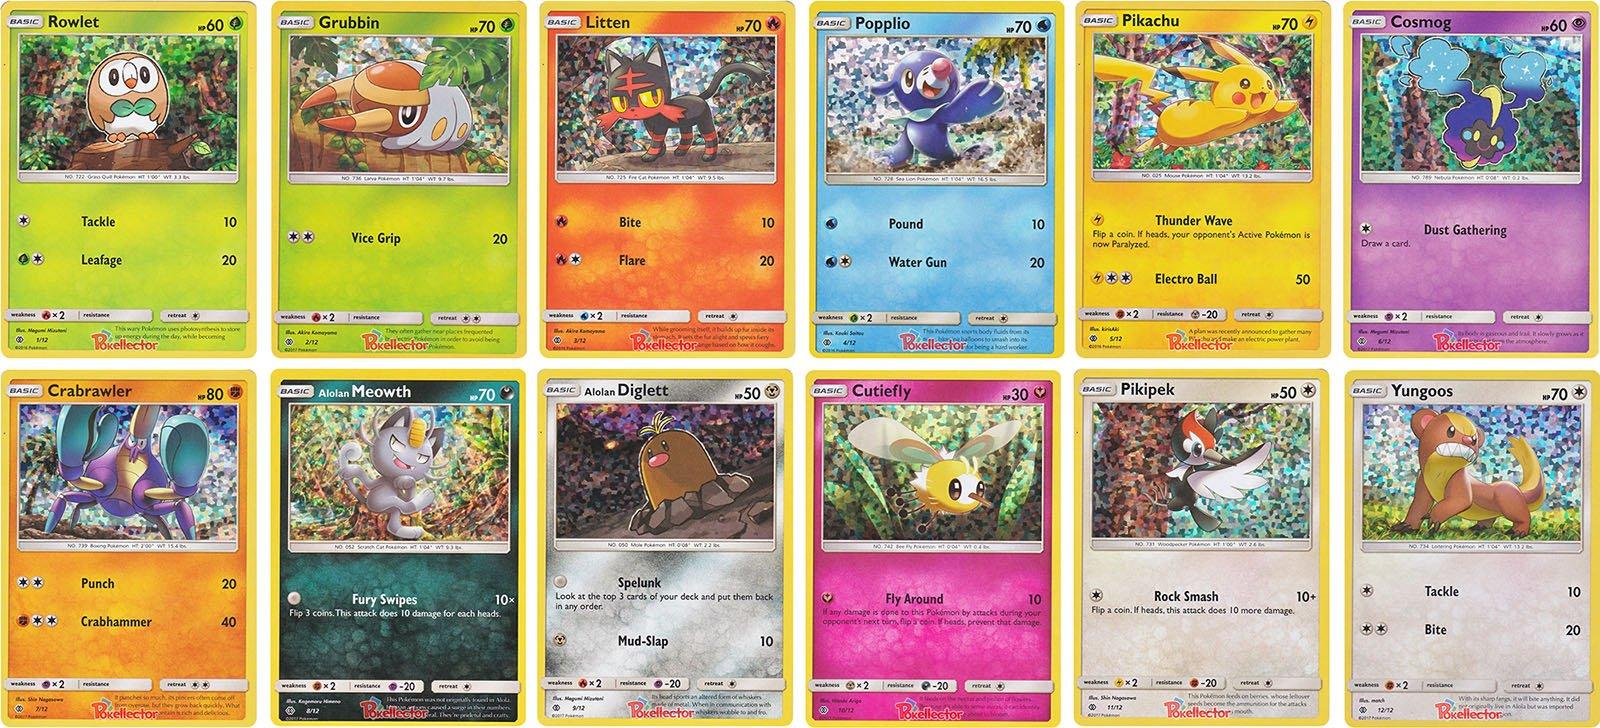 J'ai envie d'aller à McDonald's juste pour aller acheter les 12 cartes Pokemon =x https://t.co/x2rsijYK3P